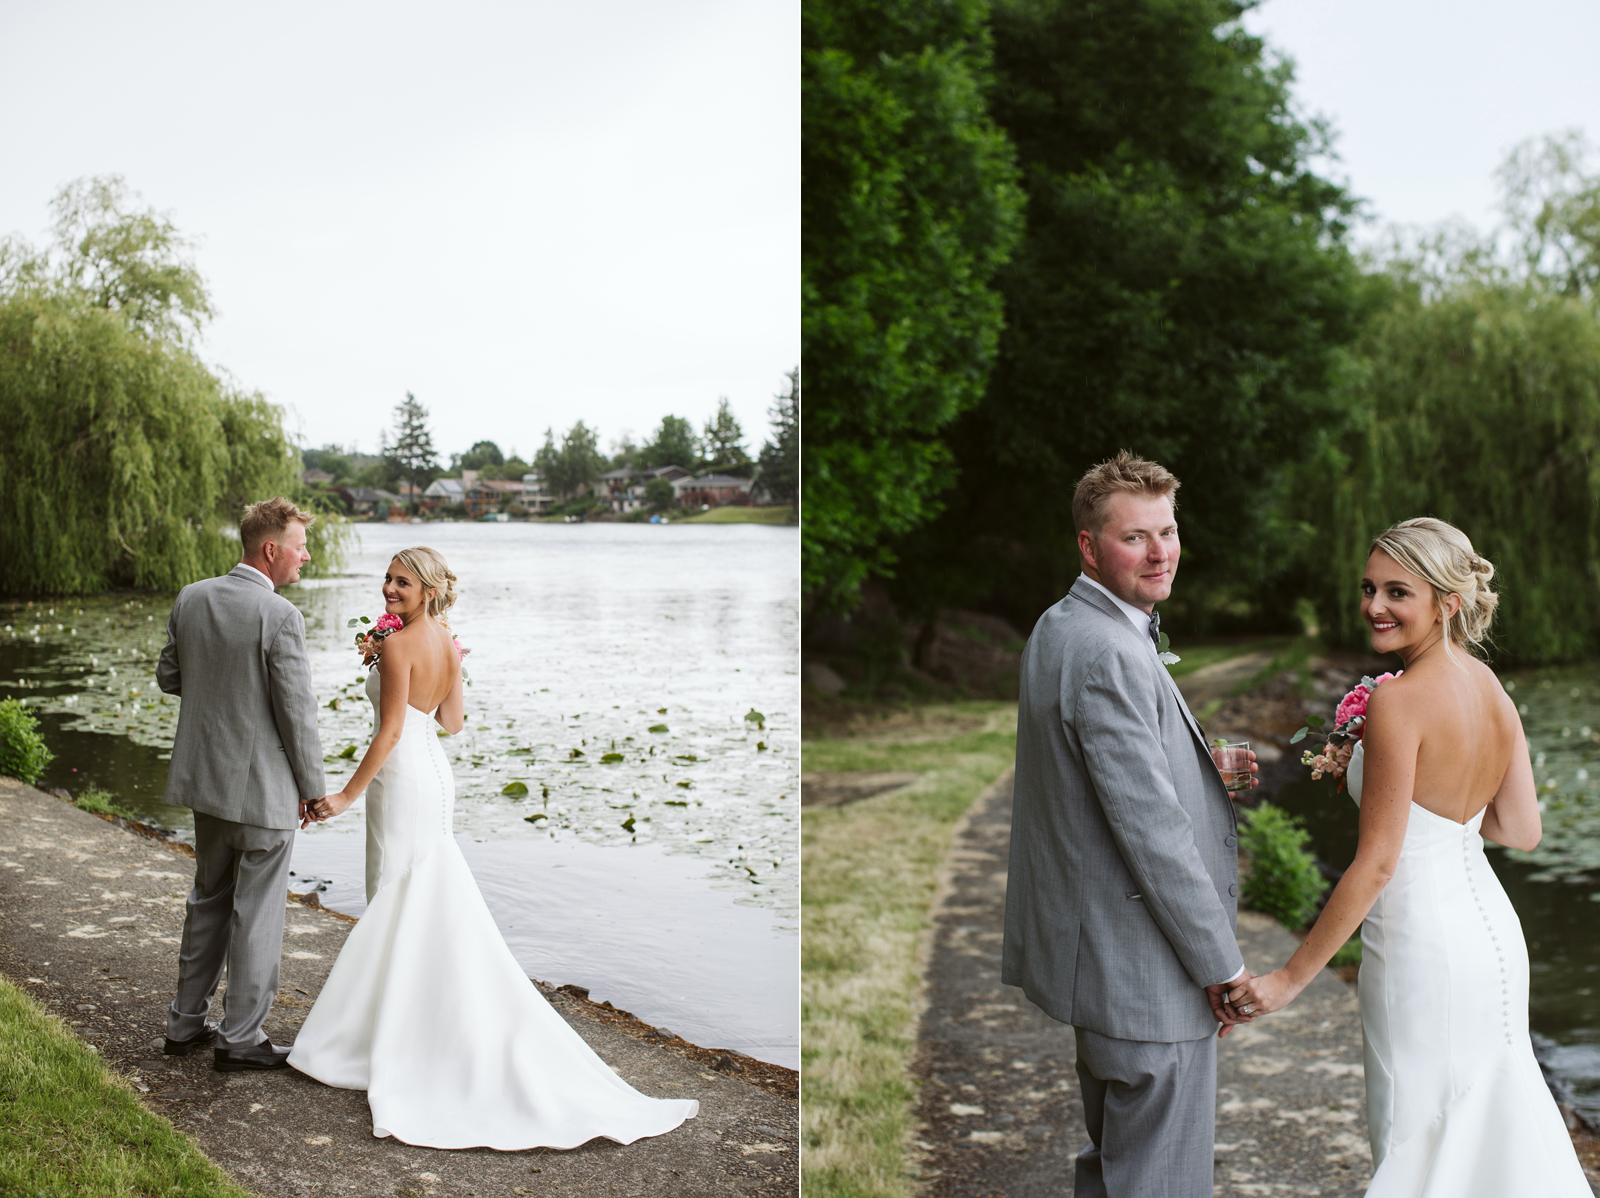 110-daronjackson-gabby-alec-wedding.jpg